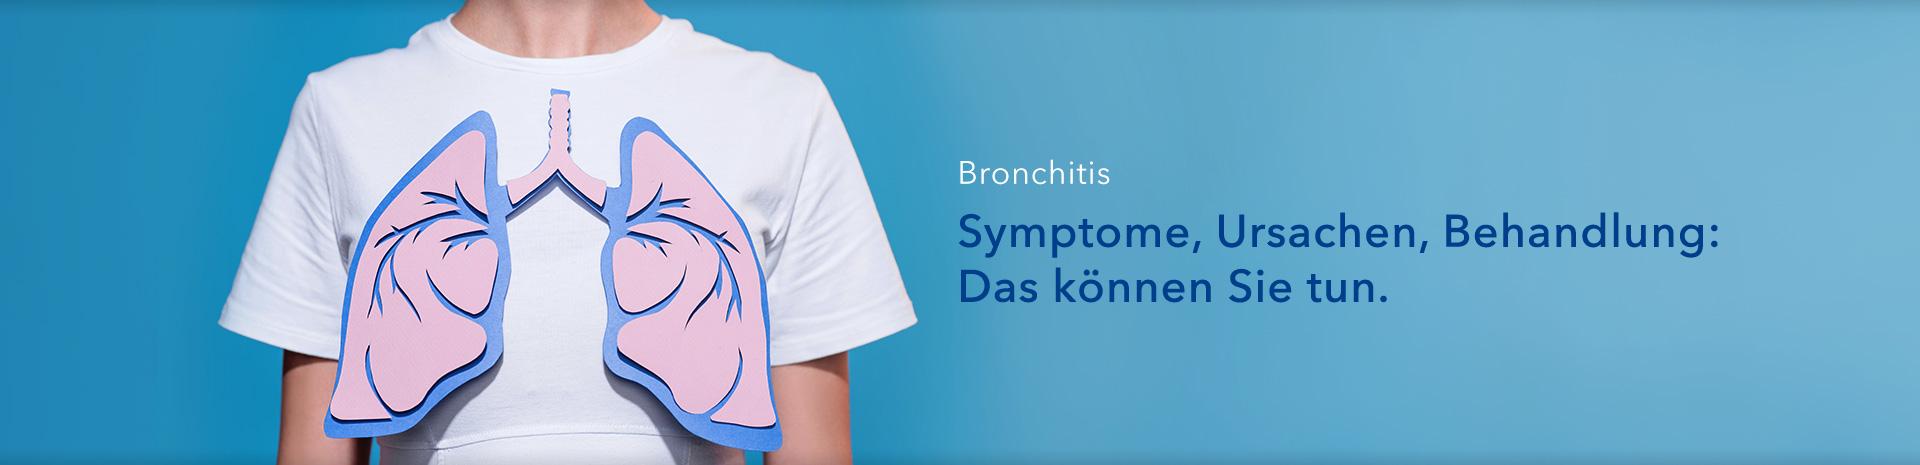 Bronchitis - Ratgeber - shop-apotheke.at